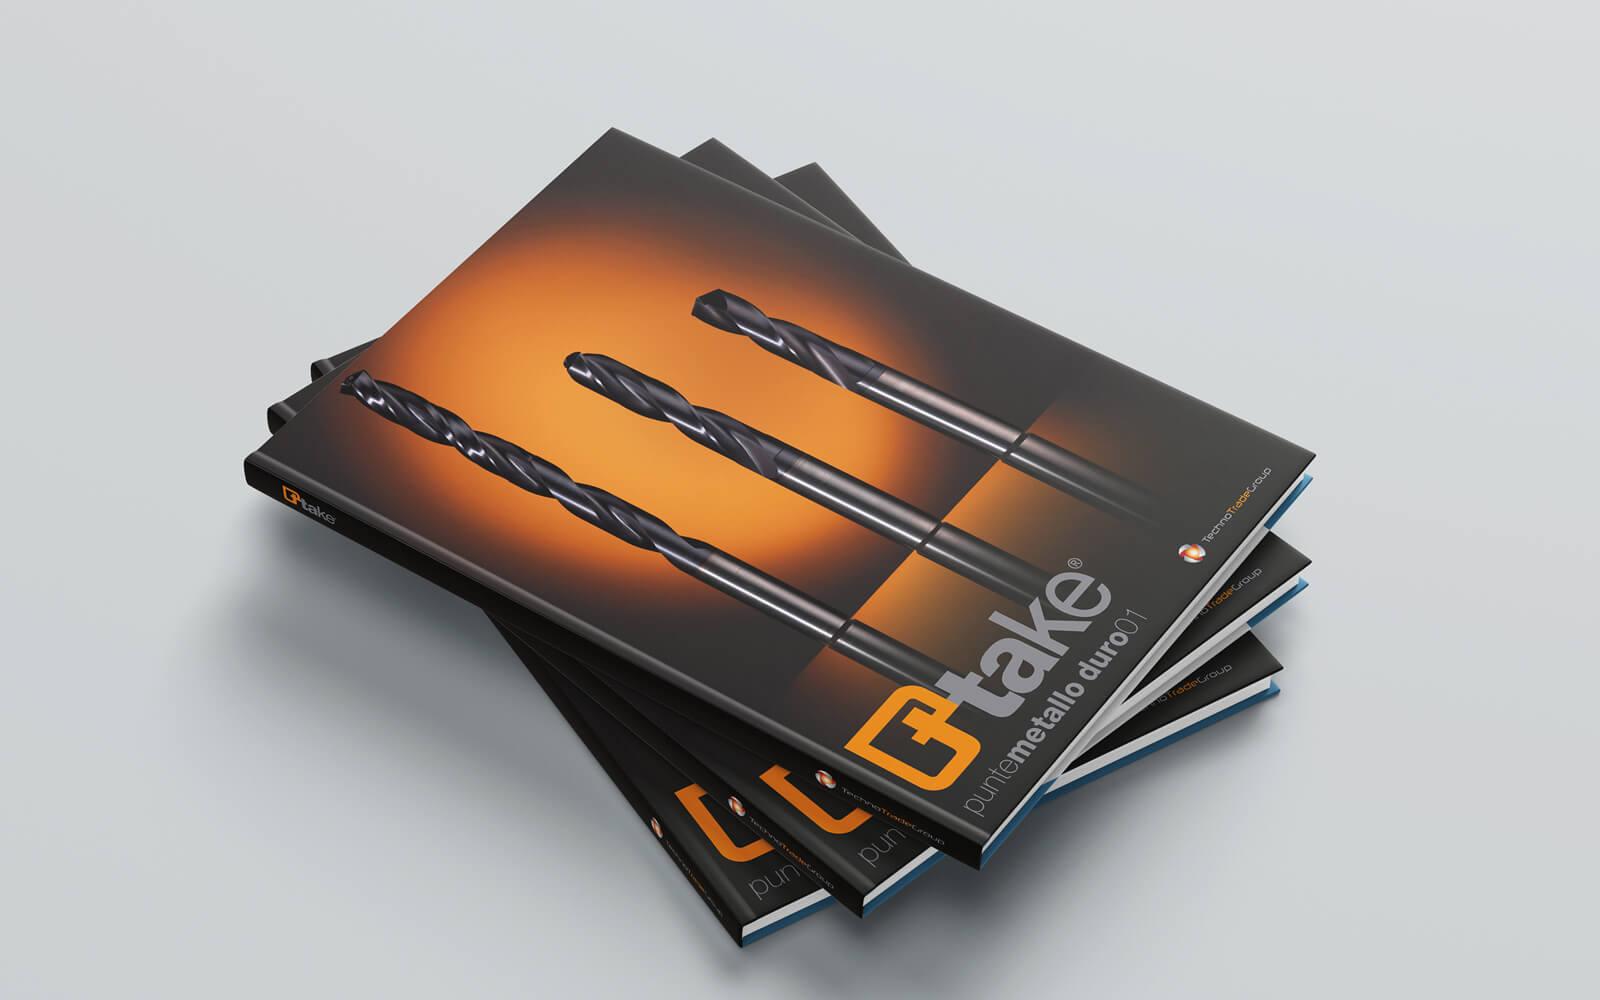 copertina del catalogo punte metallo ttake, progettata dallo studio grafico diade arco di trento